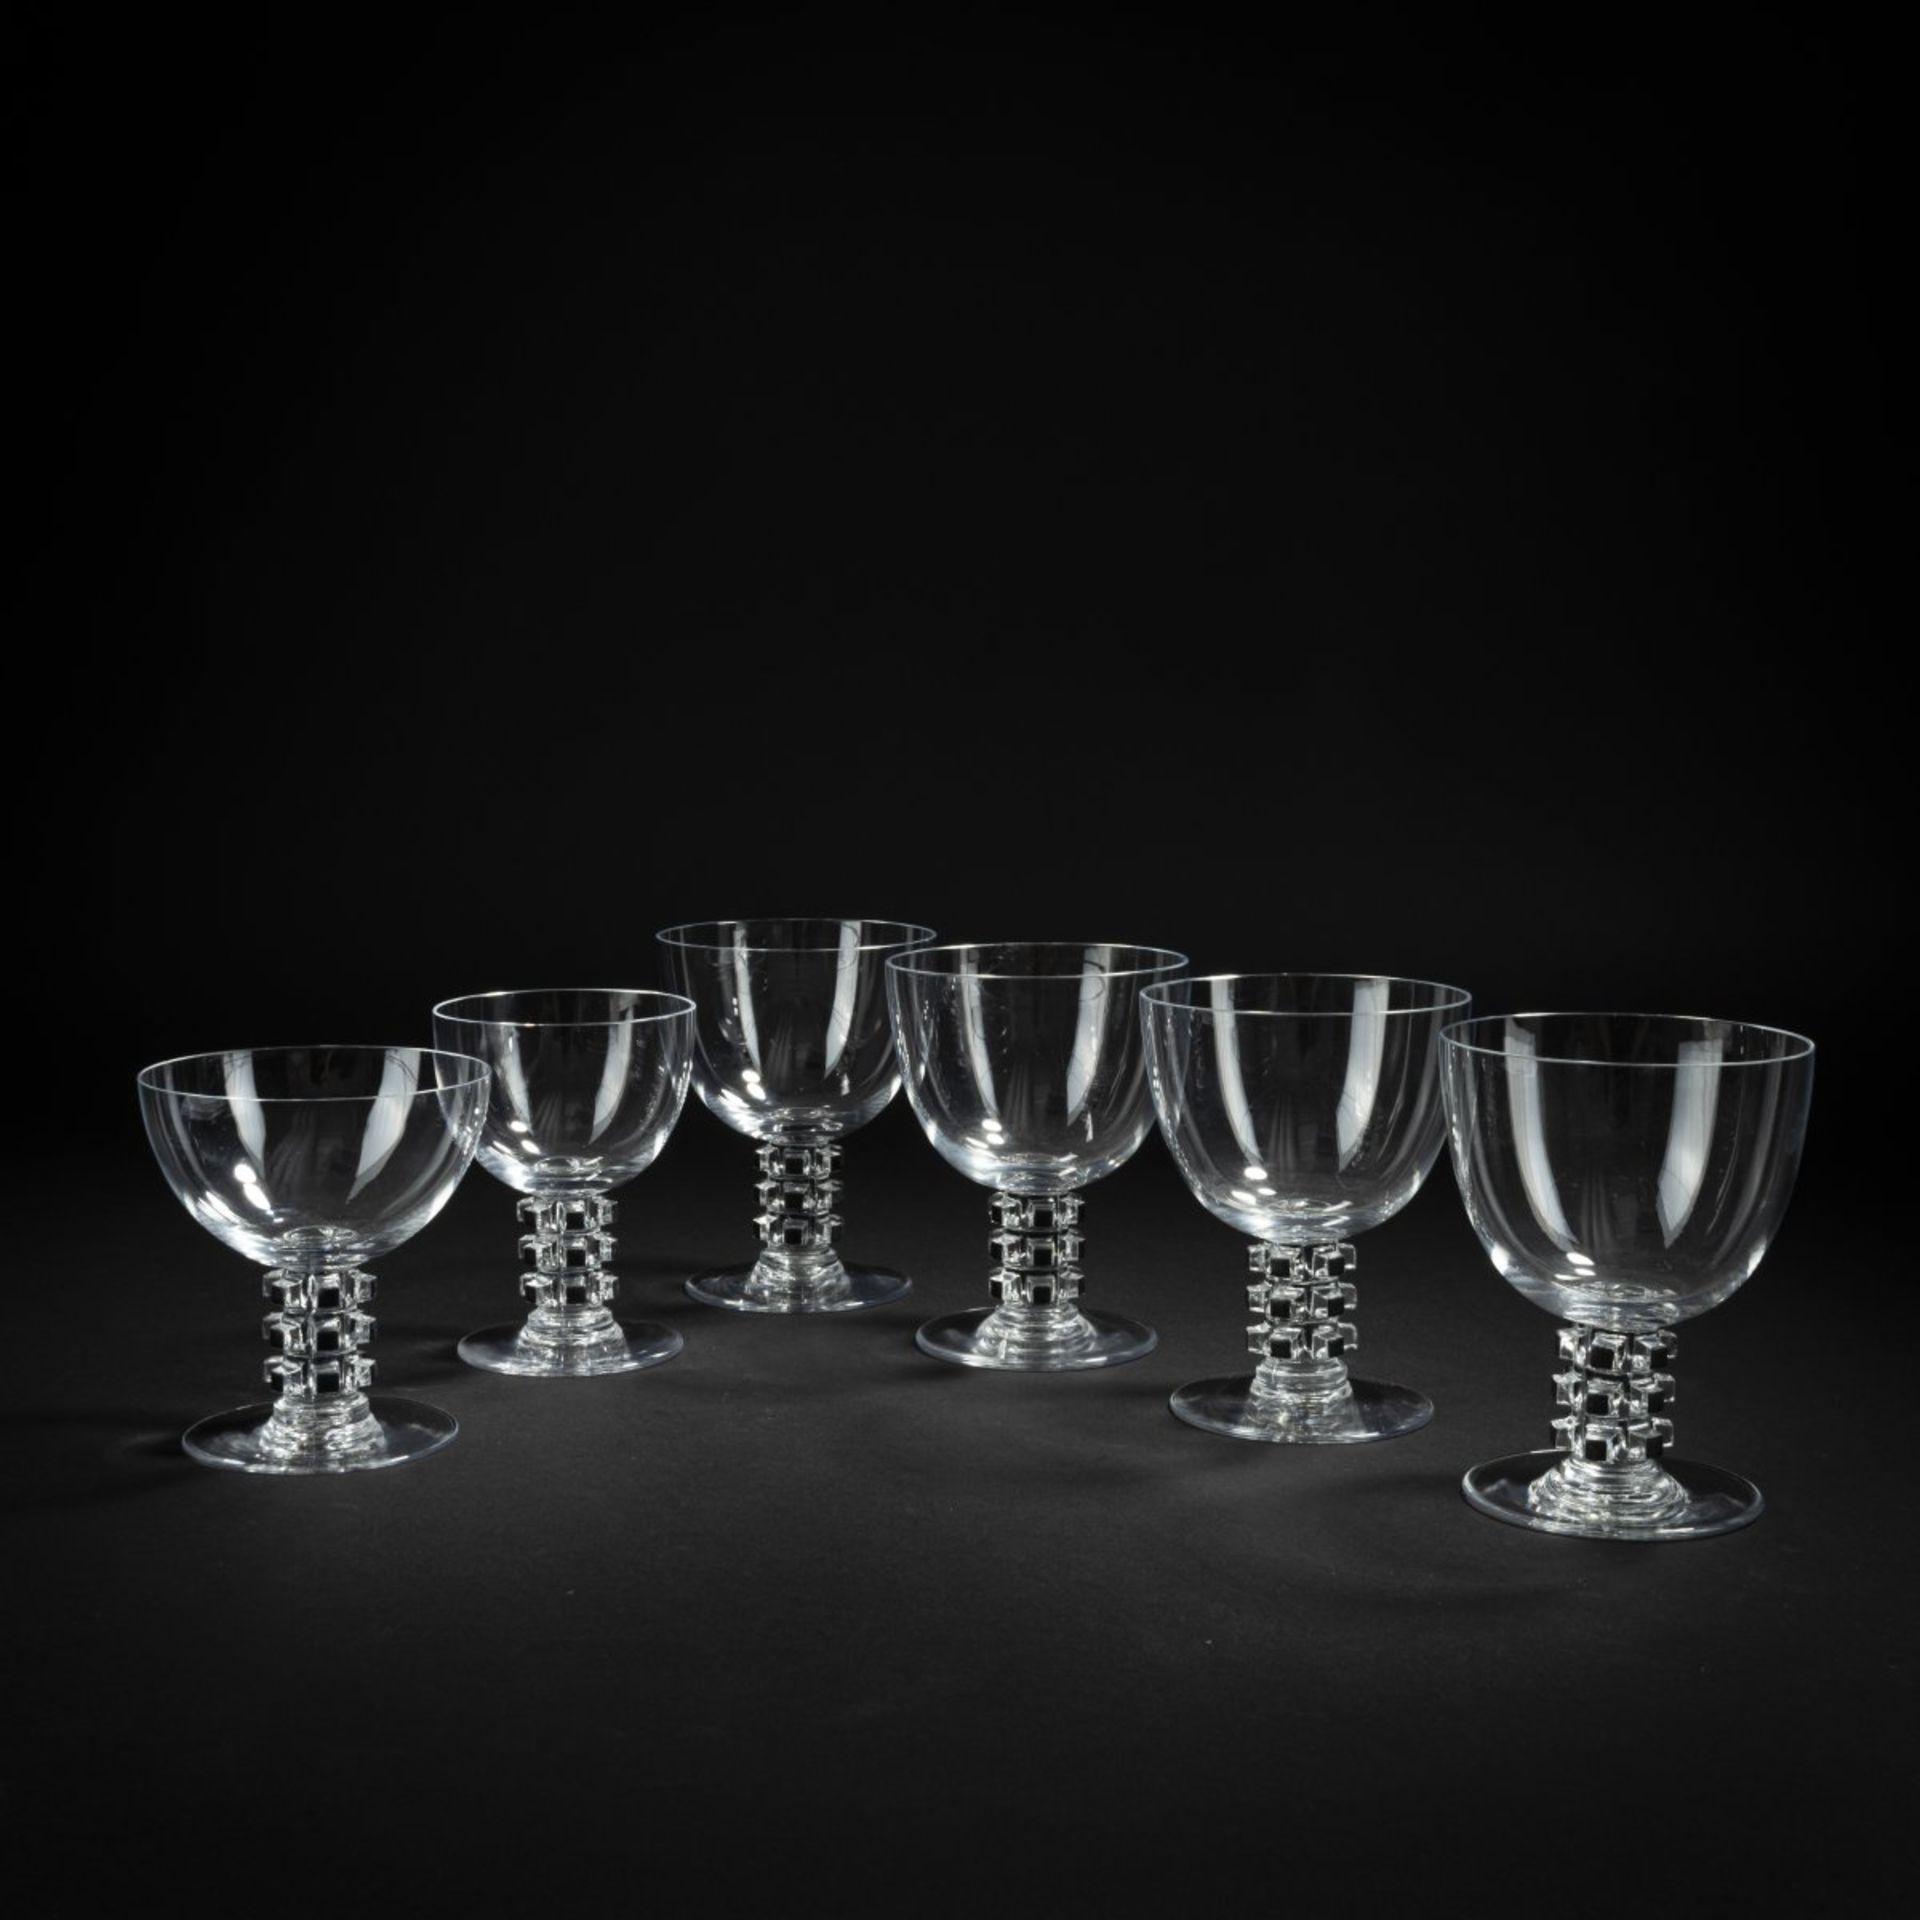 René Lalique, Sechs Gläser aus dem Service 'Unawihr', 1926 - Bild 2 aus 4